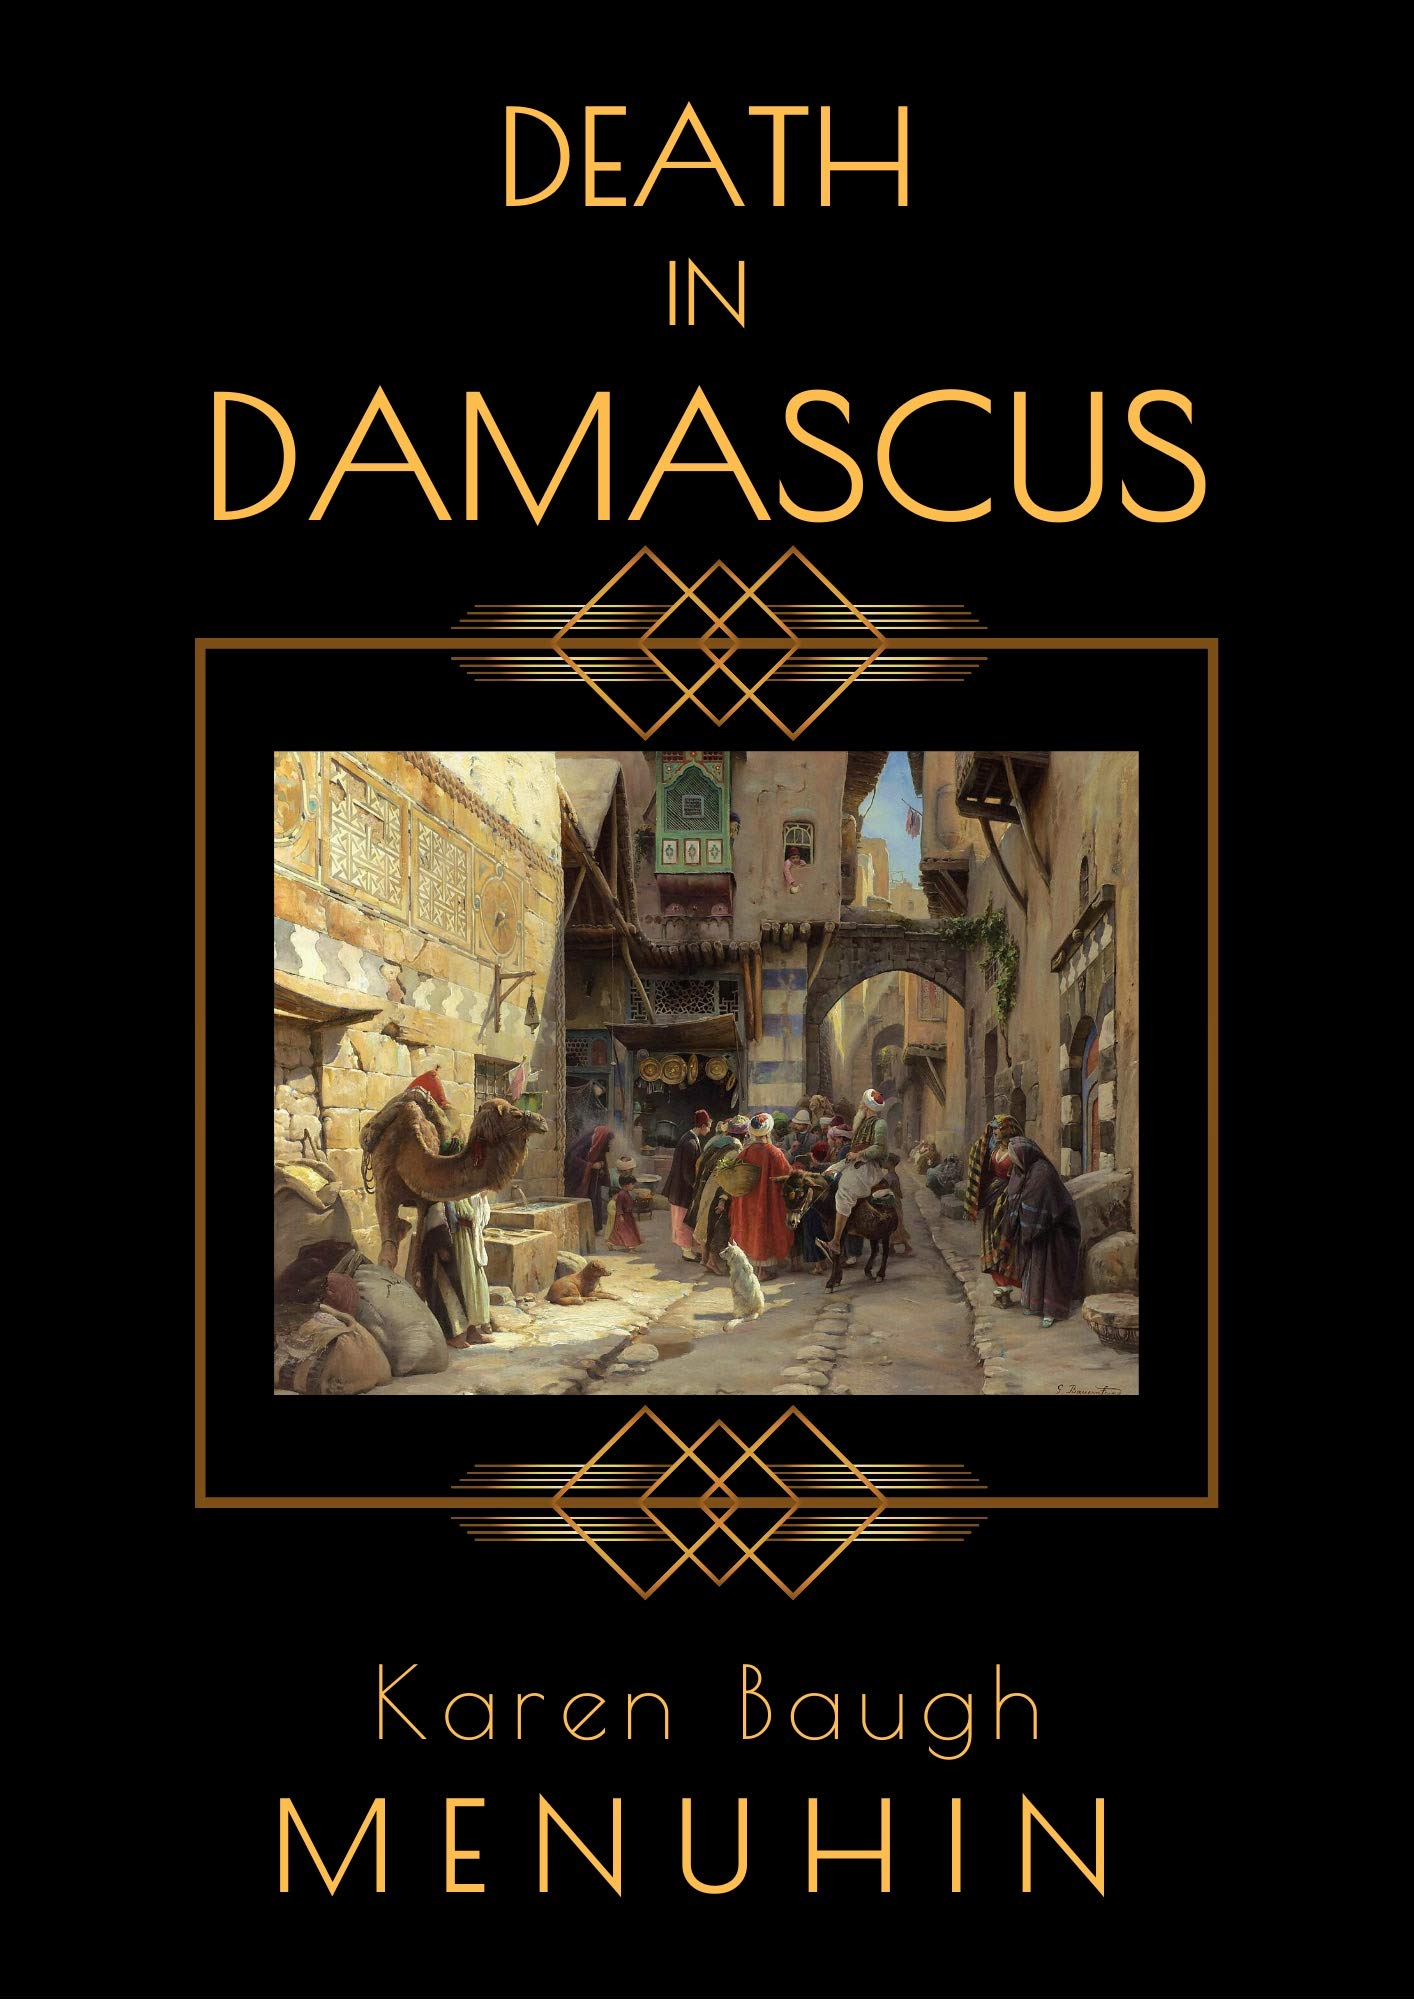 Death in Damascus: A 1920s Murder Mystery with Heathcliff Lennox